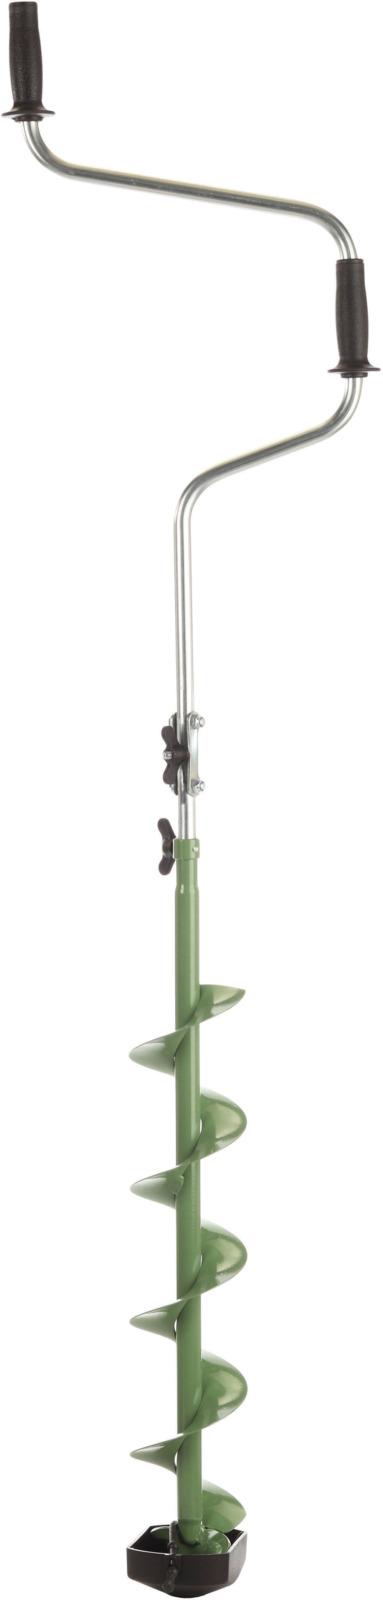 Ледобур Mora Ice Expert-Pro, 21171, диаметр 130 мм